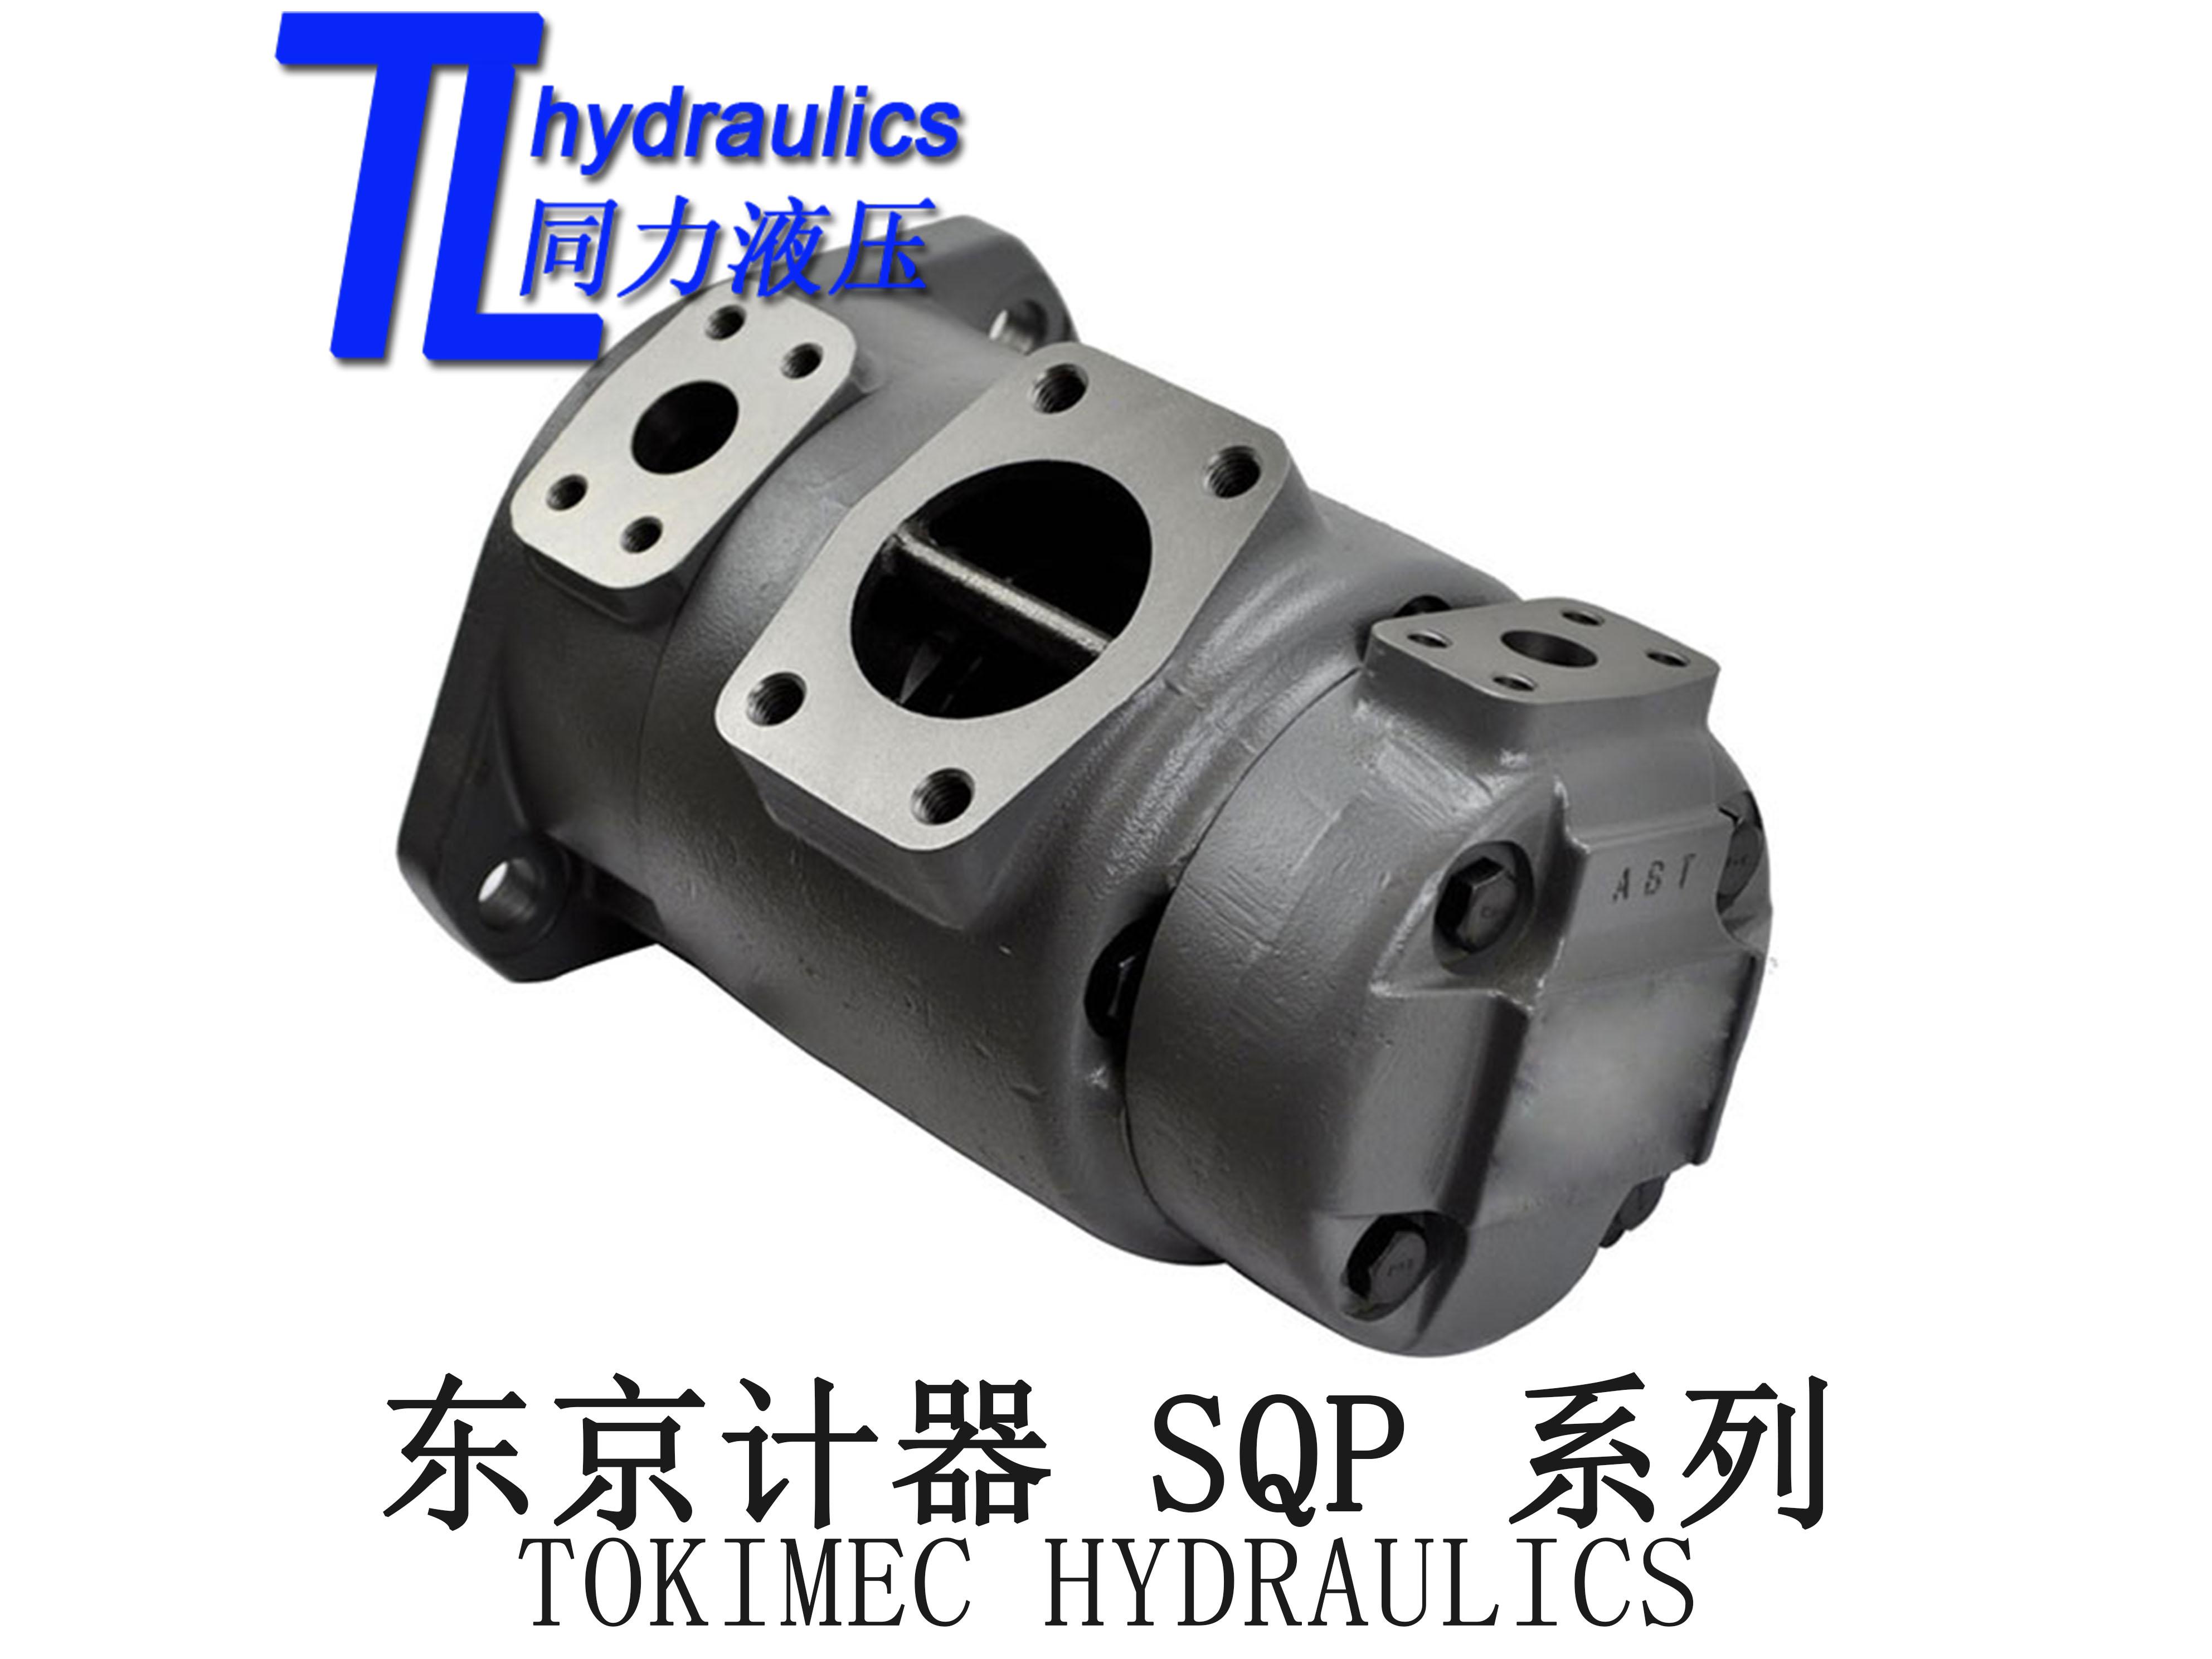 供应低噪音油压泵高压泵双联叶片泵TOKIMEC  SQP31-25-5-86CD-18